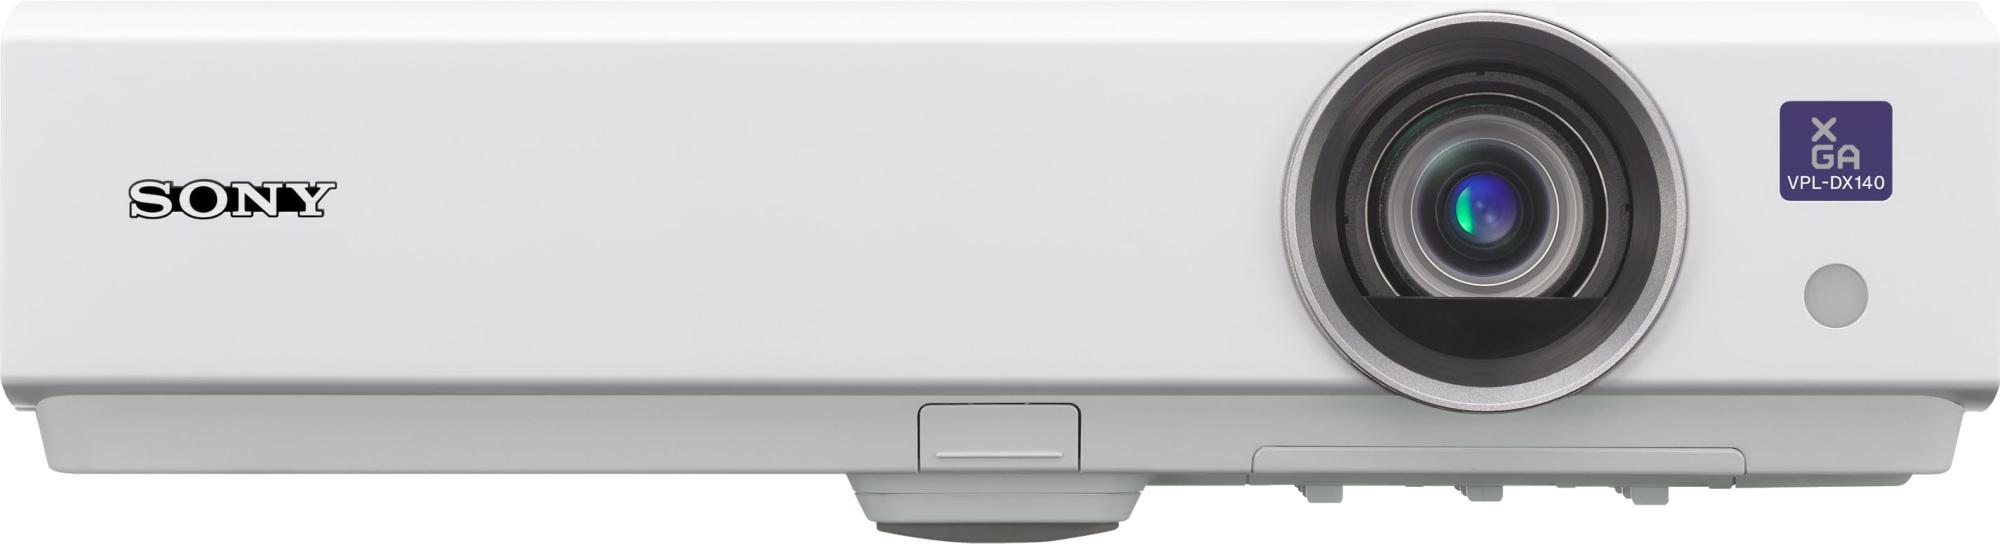 Ремонт проекторов Sony в Санкт-Петербурге